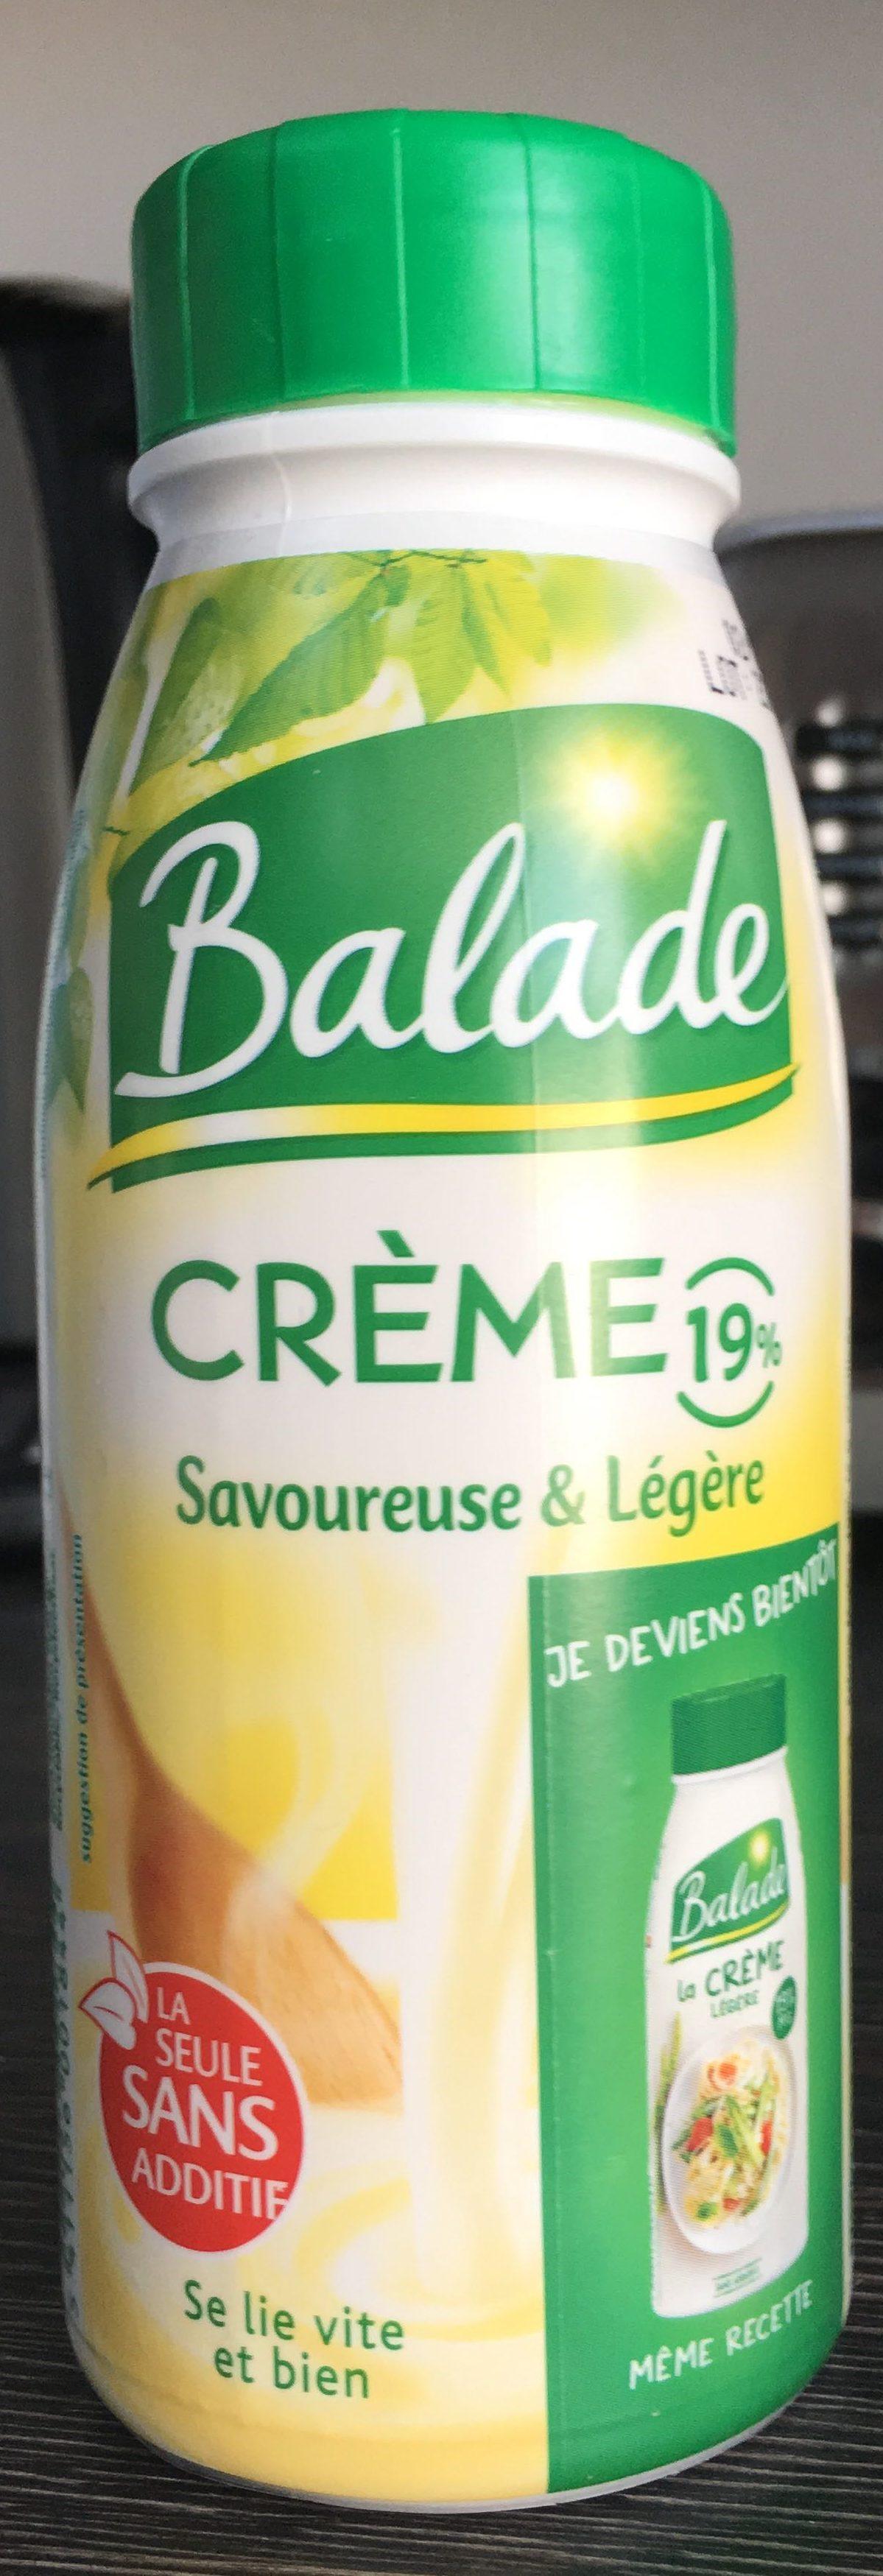 Crème 19% - Produit - fr